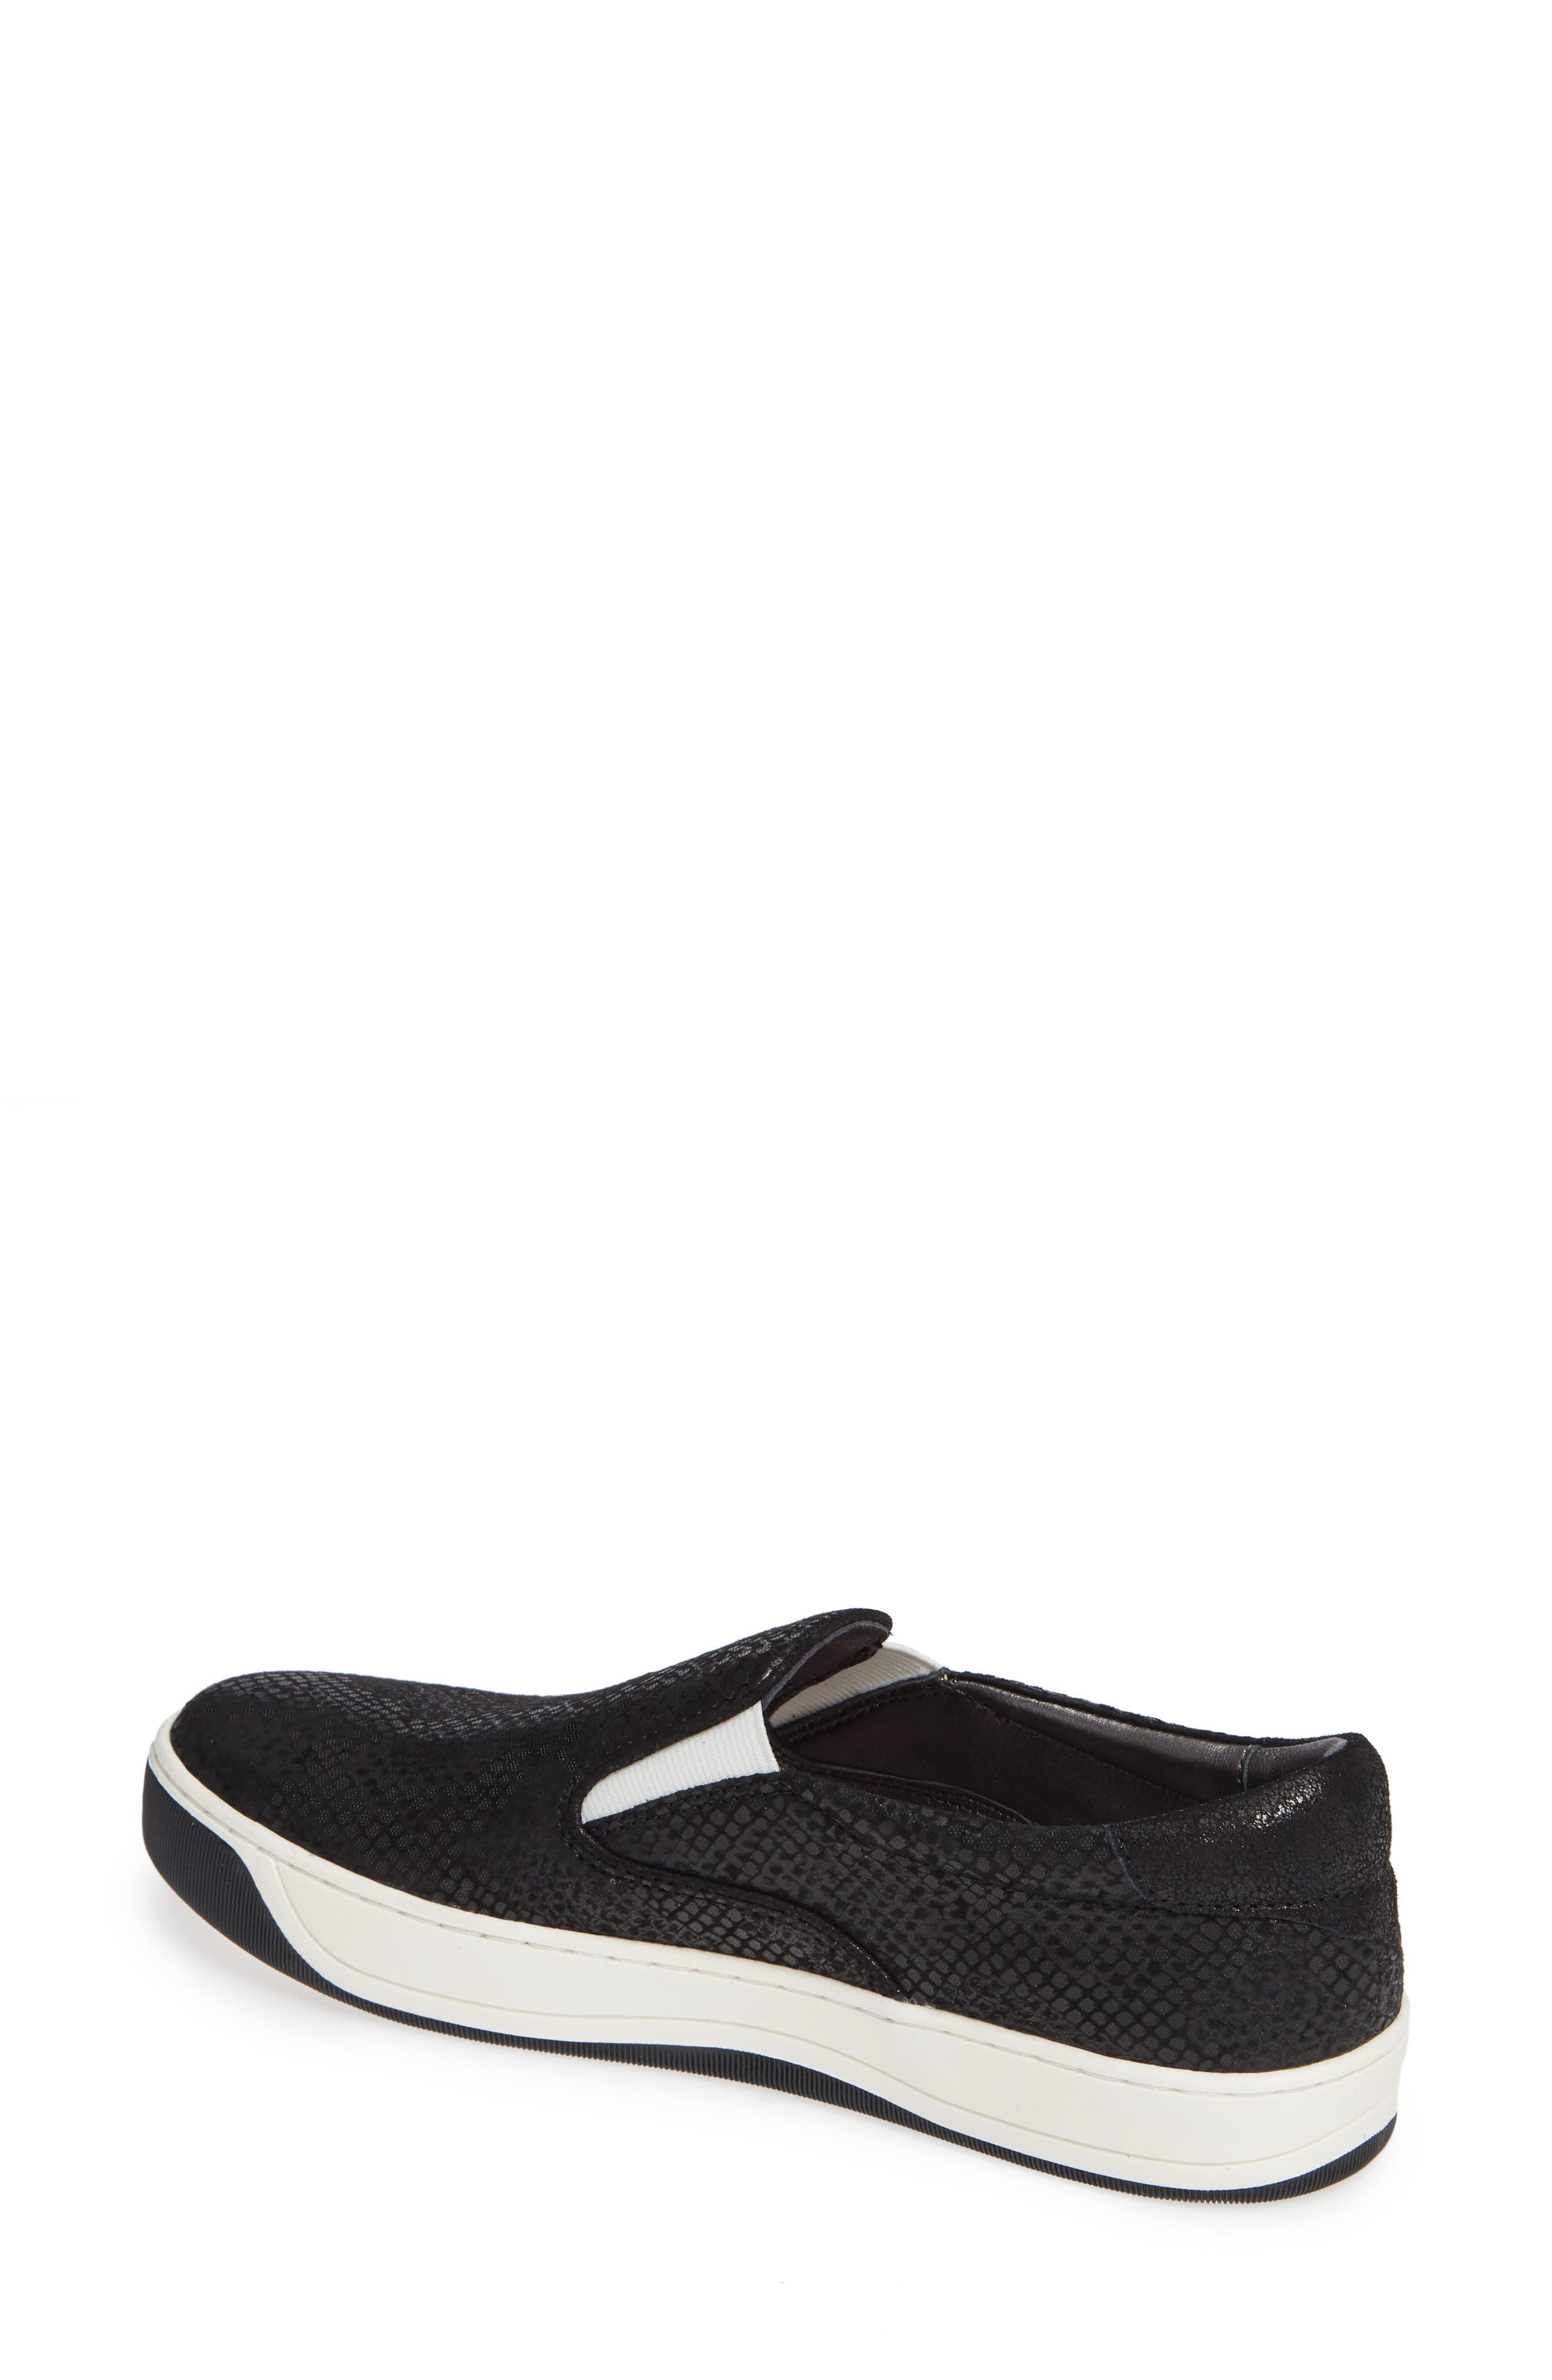 Elaine Slip-On Sneaker,                             Alternate thumbnail 2, color,                             BLACK SNAKE PRINT SUEDE